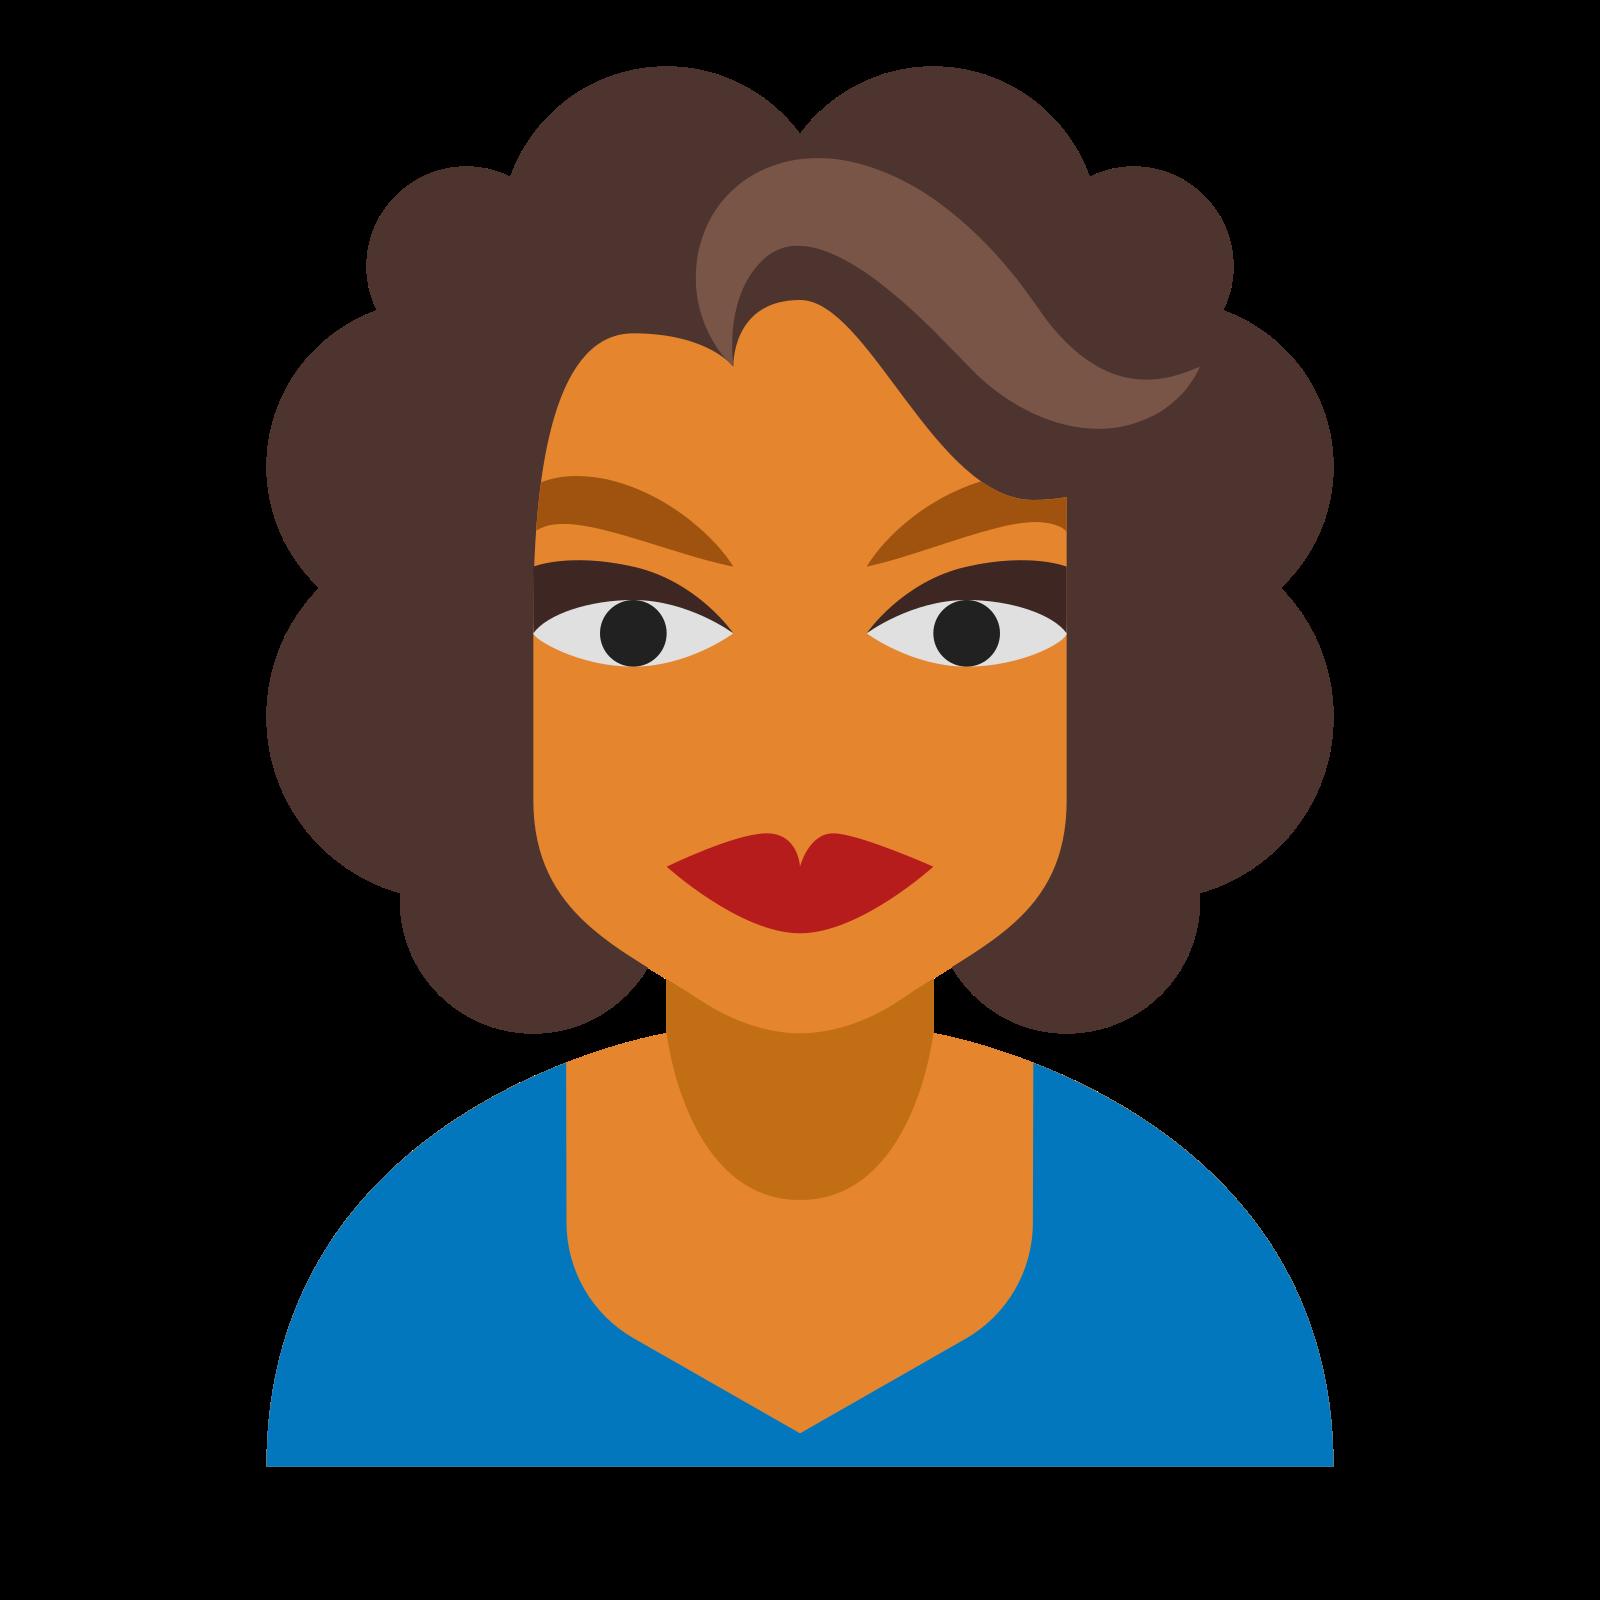 Oprah Winfrey icon